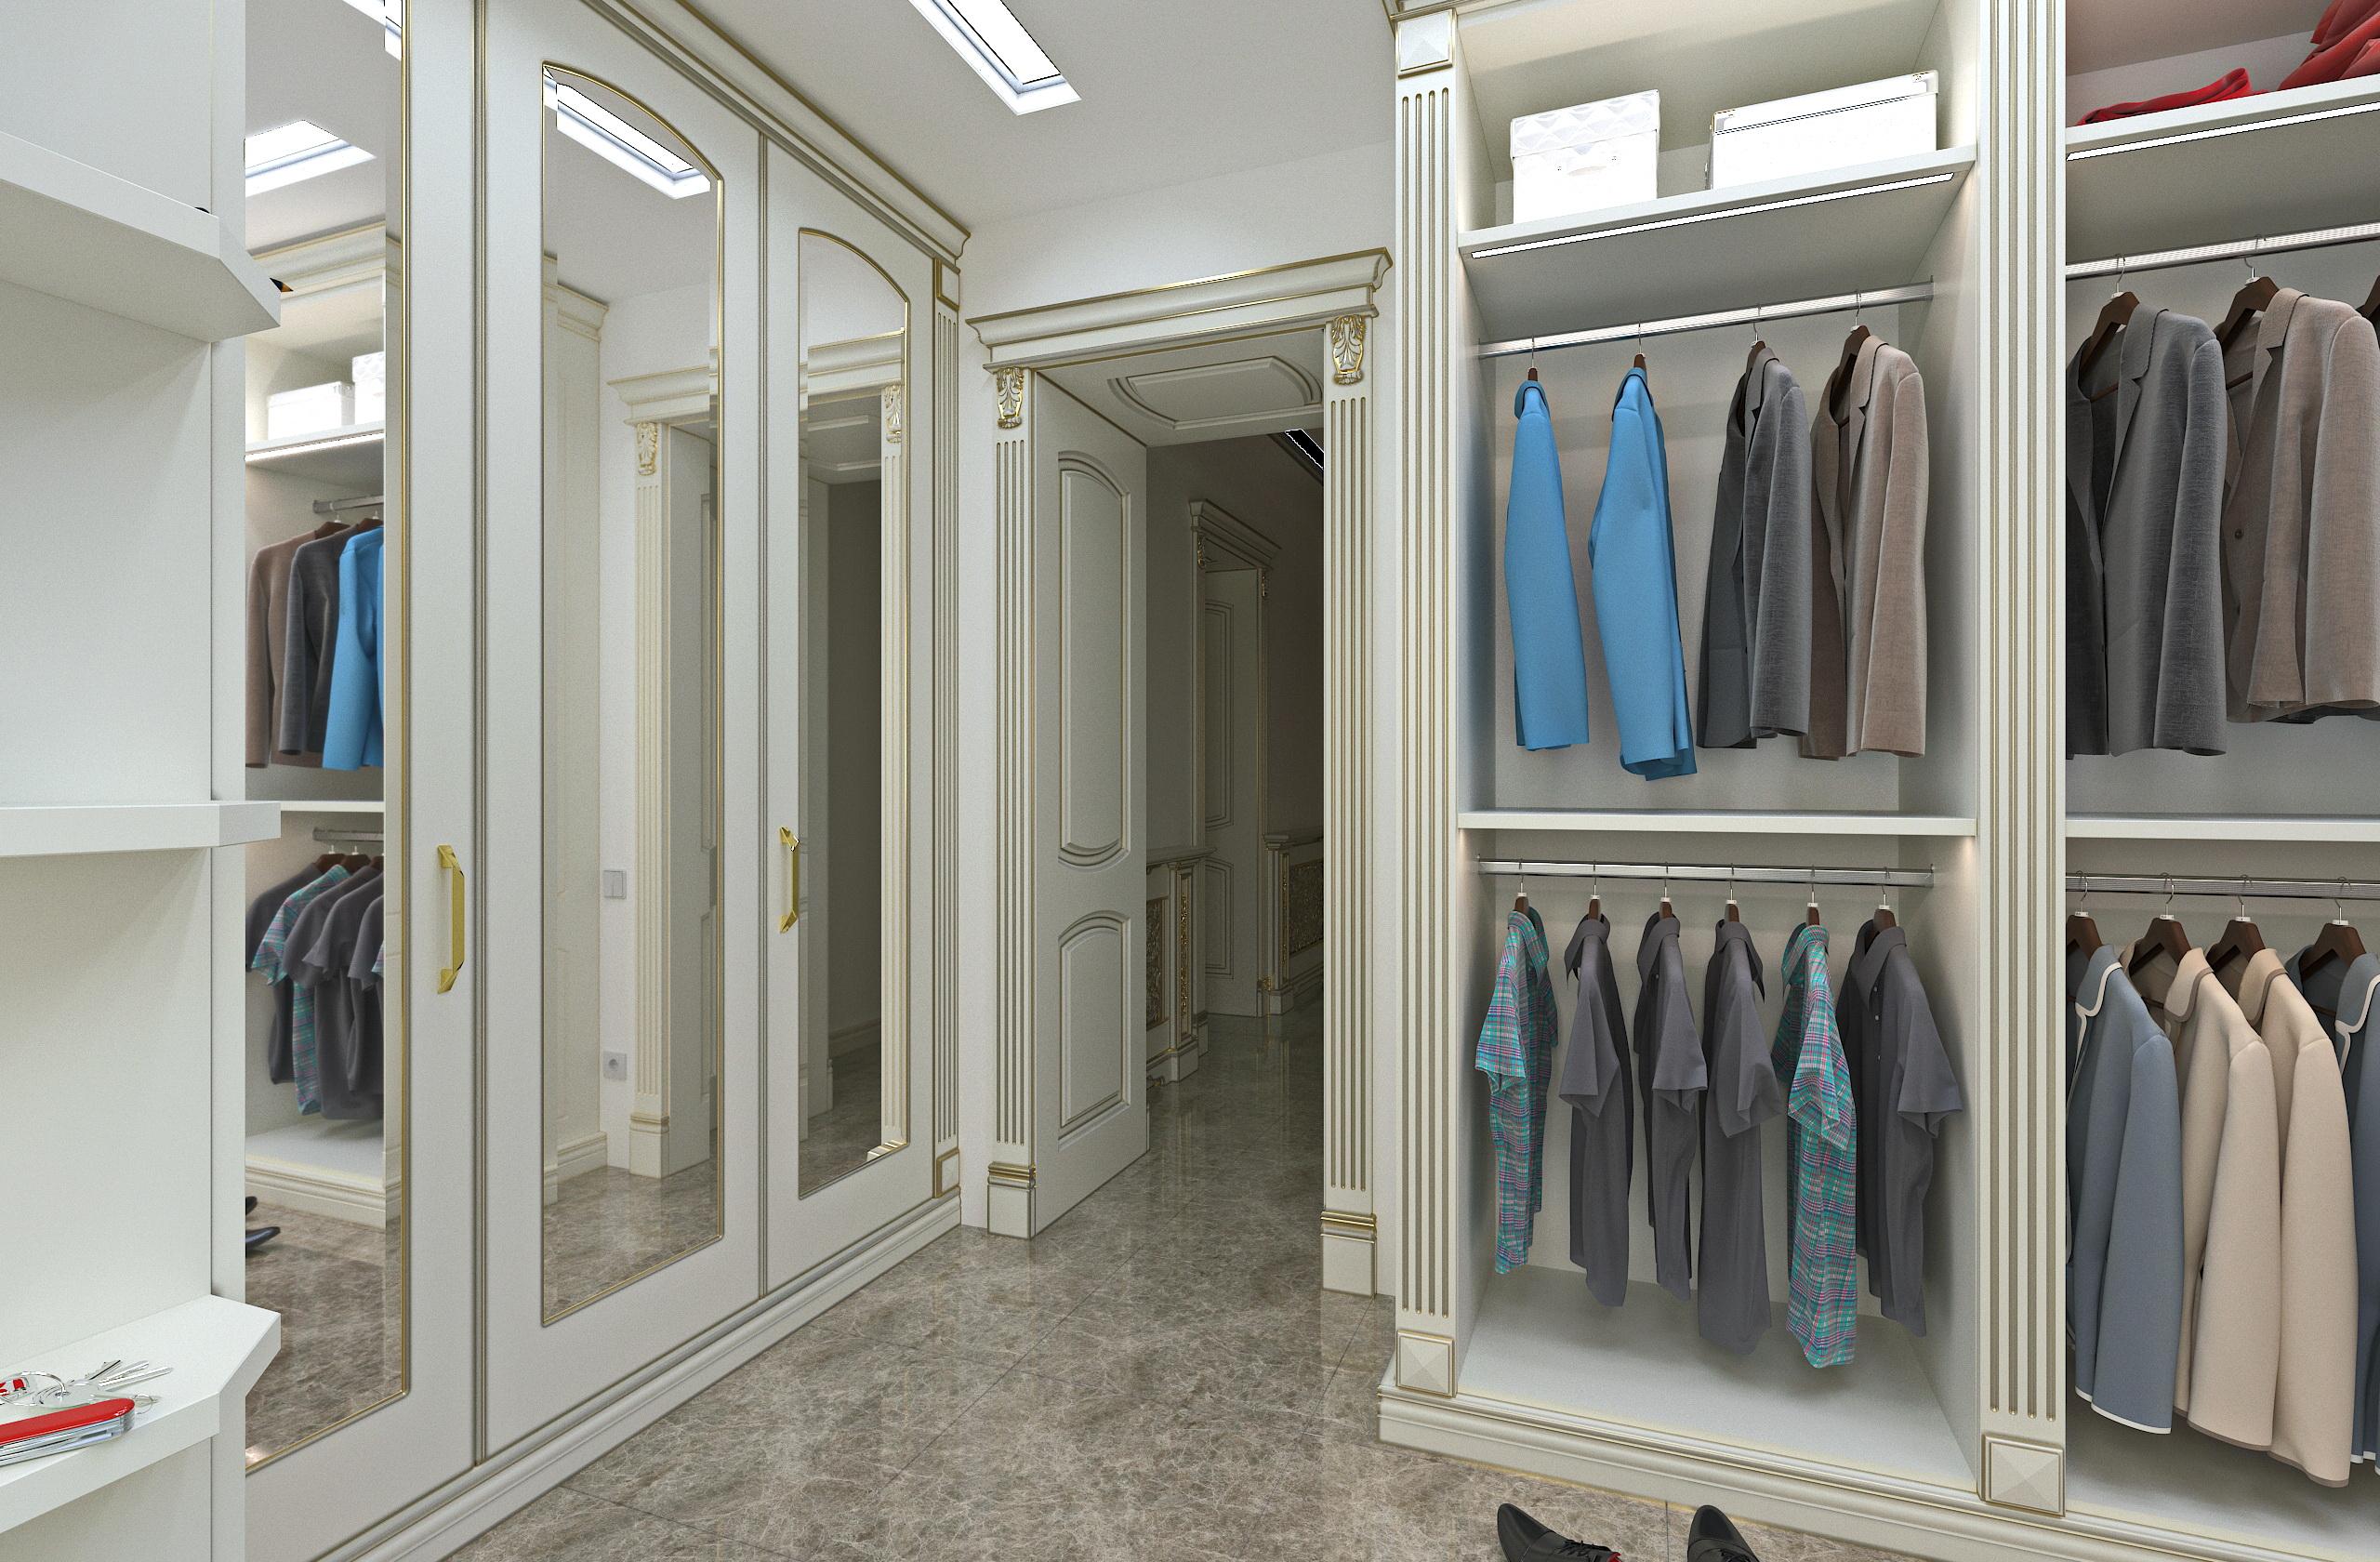 Вбиральня в класичному стилі в SolidWorks vray 3.0 зображення